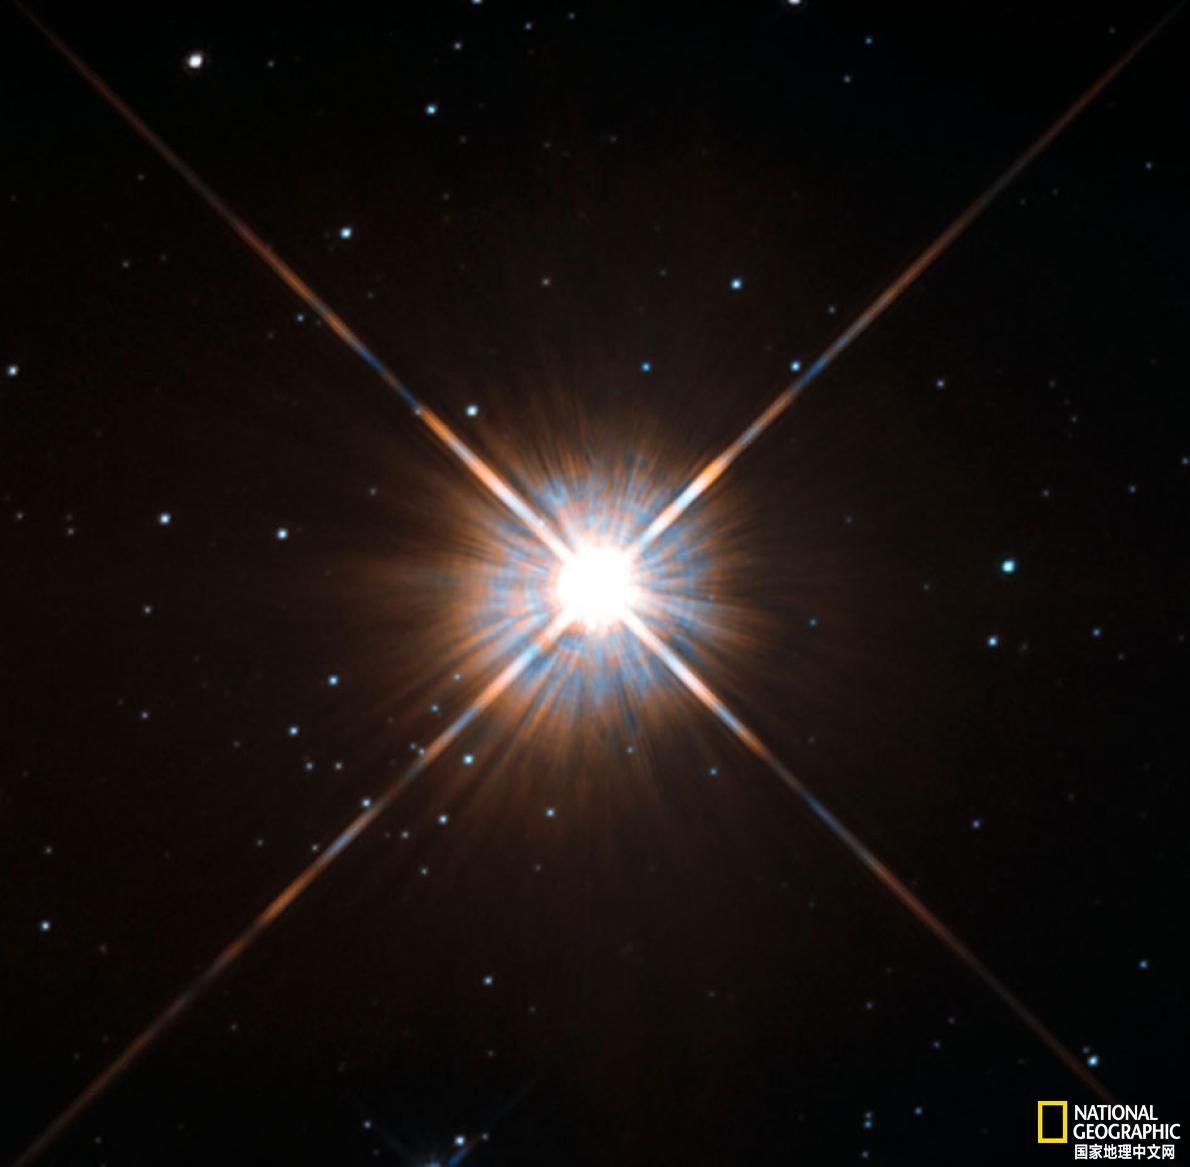 科学家疑探测到比邻星发射的神秘无线电信号